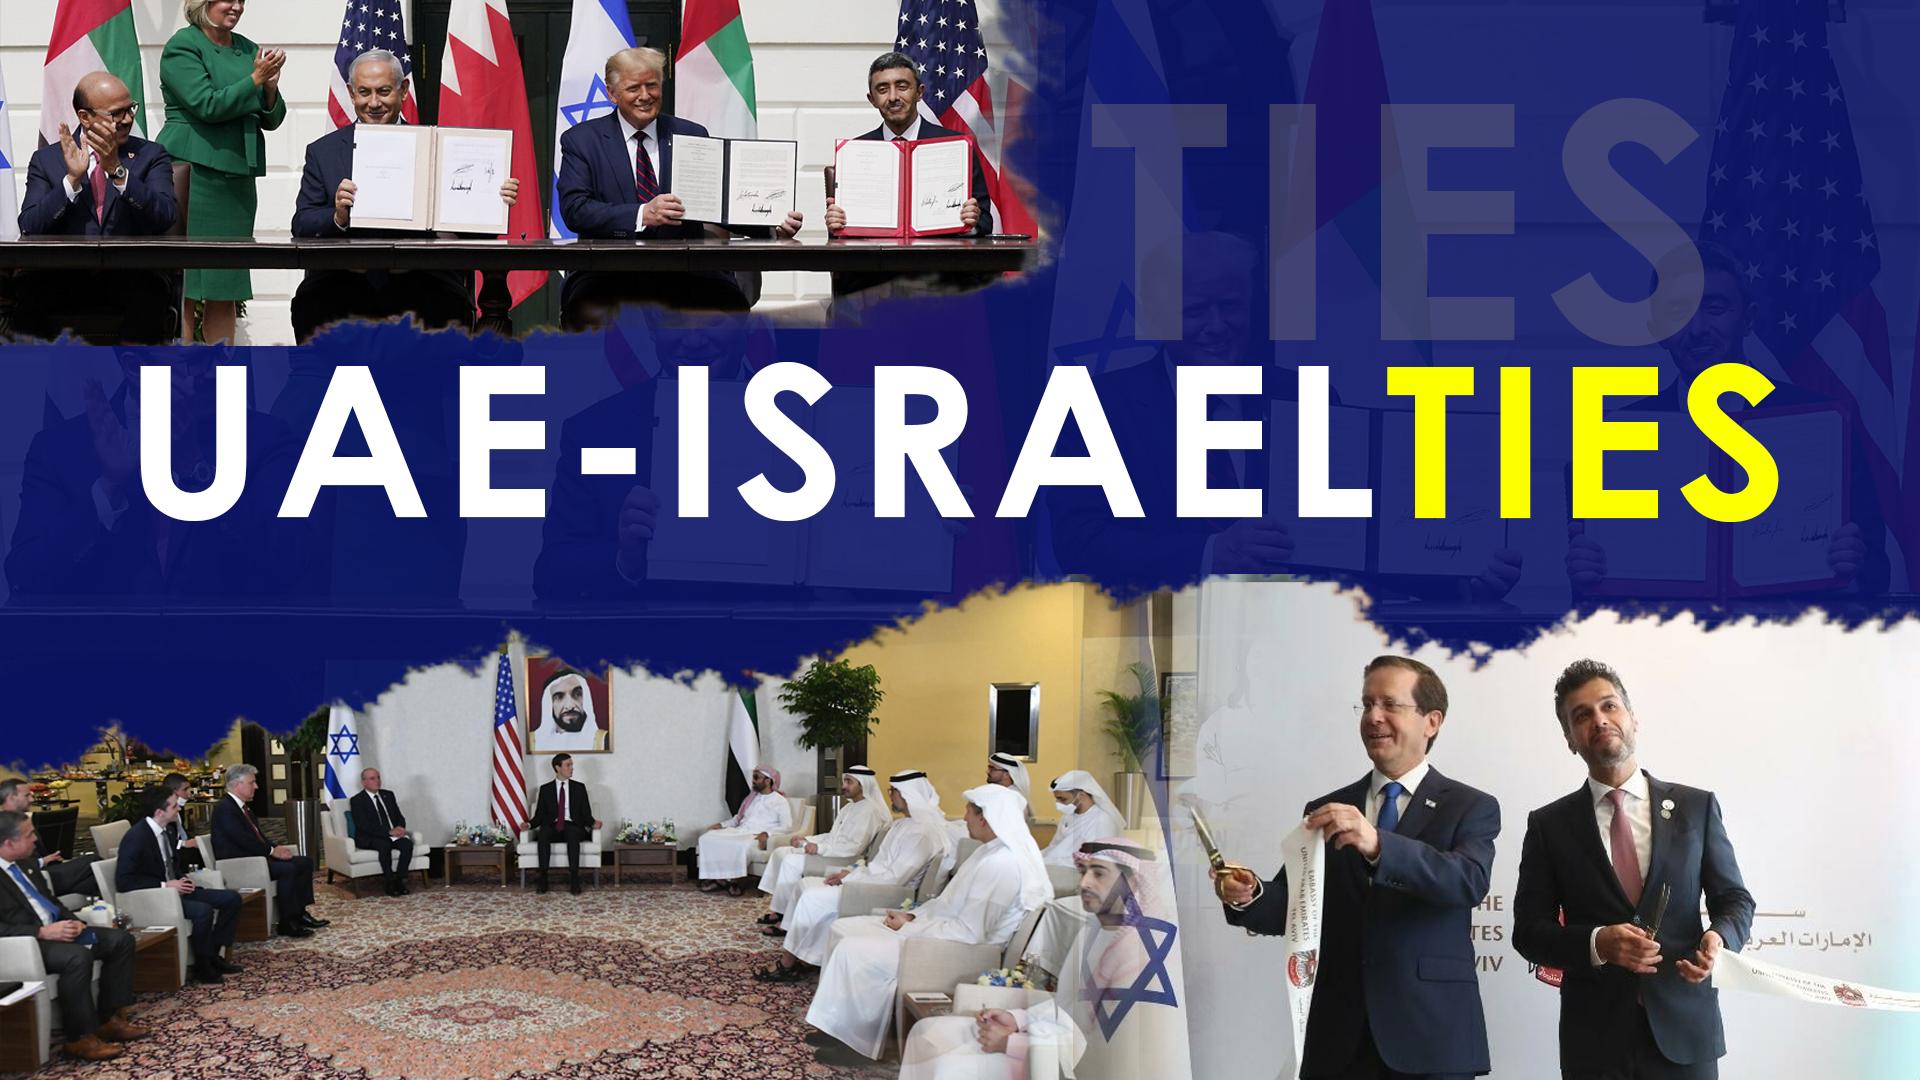 UAE, Israel ties